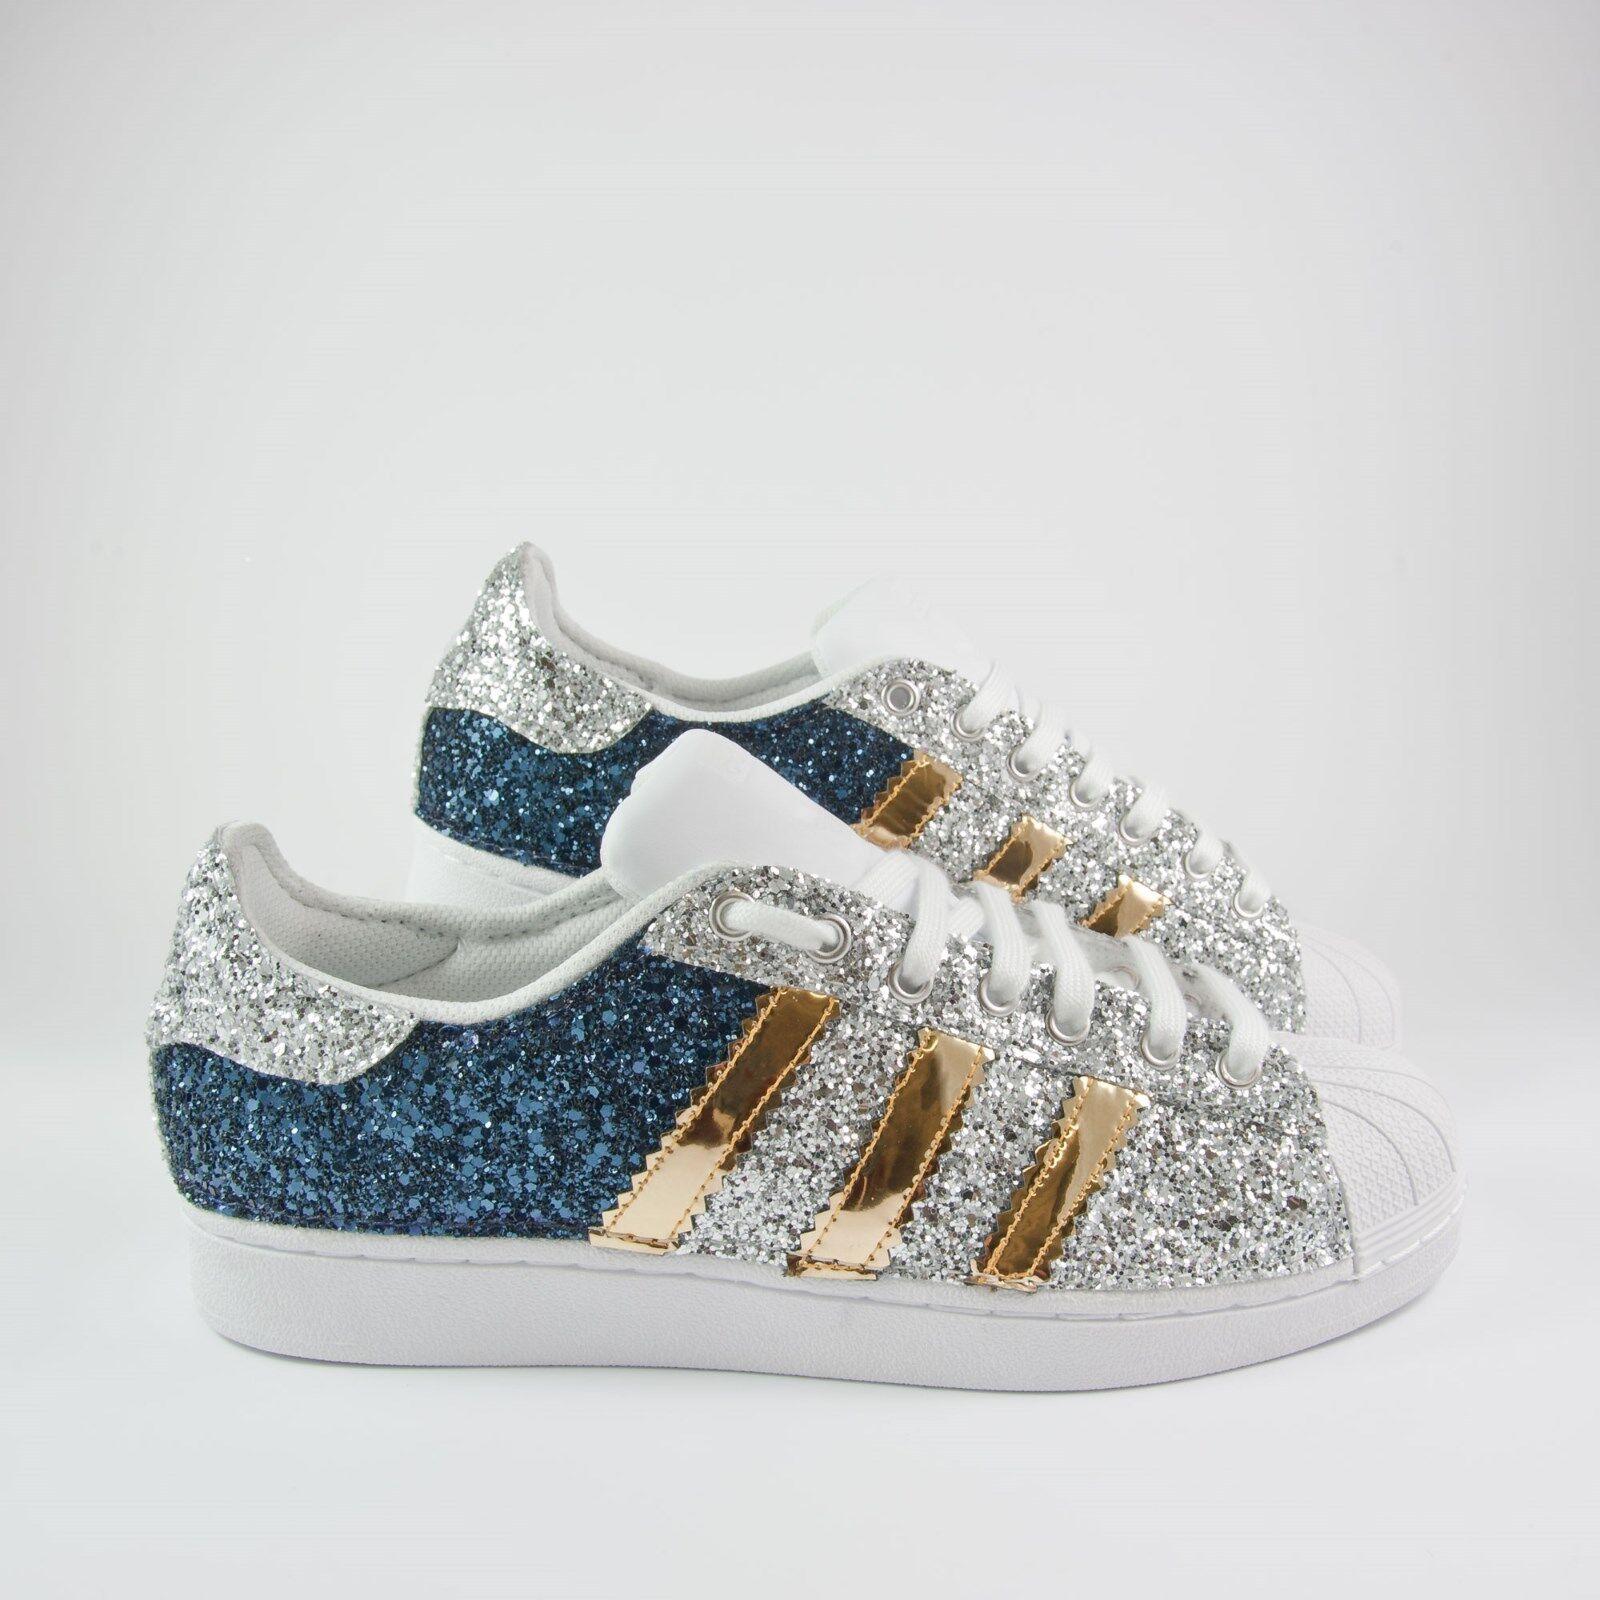 Scarpe adidas superstar con piu lustrini blu e argento piu con 'specchiato oro glitter dbea83